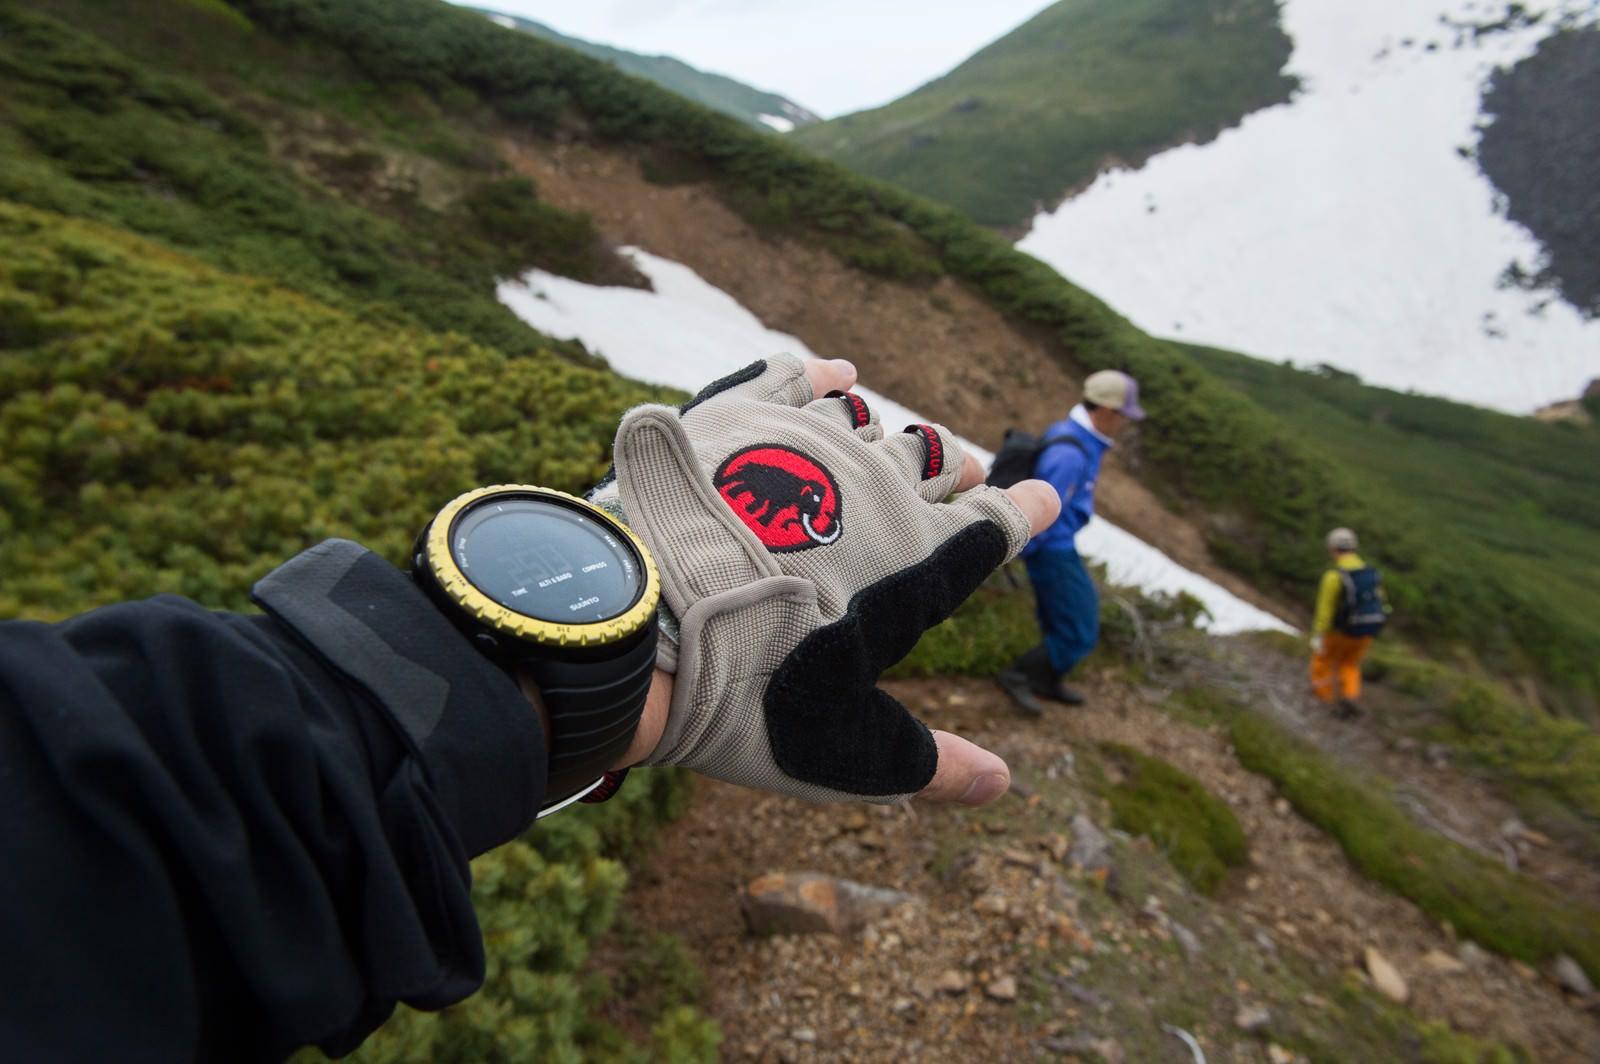 「標高2,531mがスタート地点・乗鞍新登山道整備 | 写真の無料素材・フリー素材 - ぱくたそ」の写真